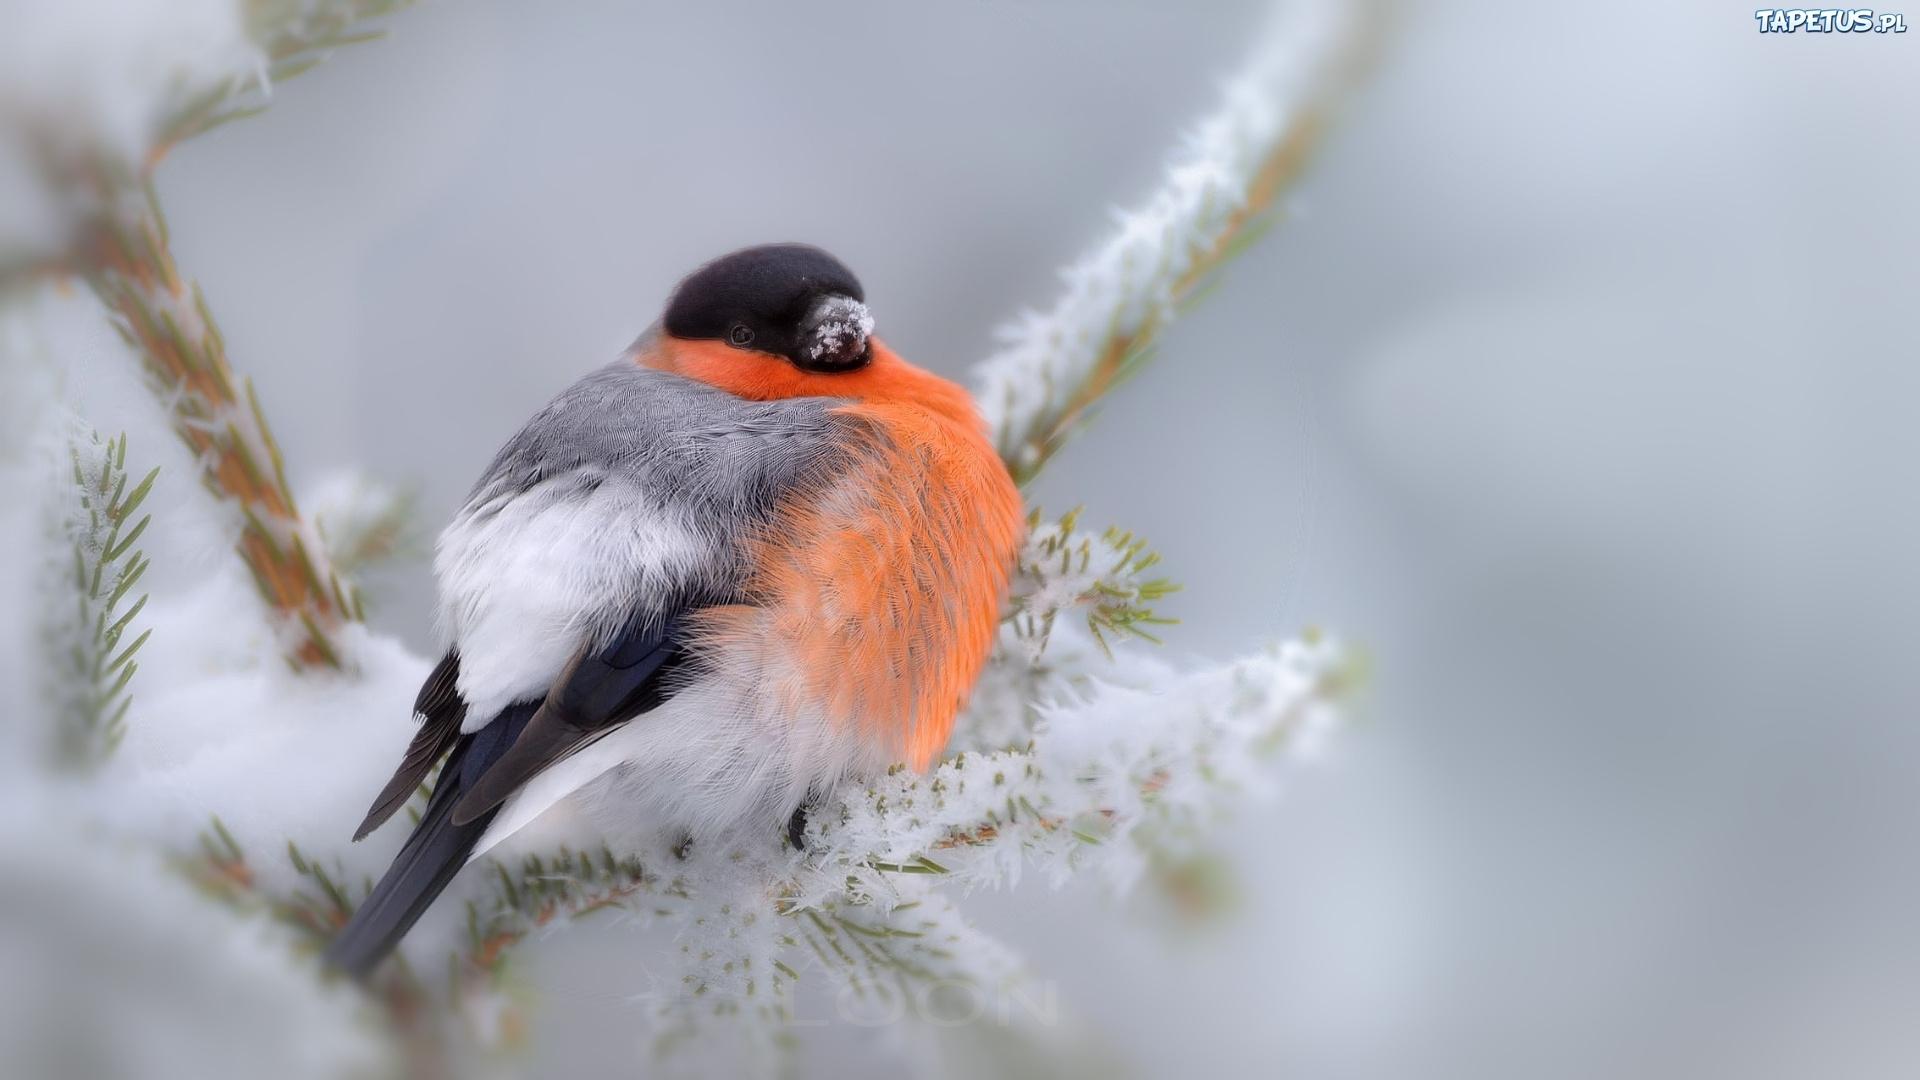 птички на снегу  № 101426 бесплатно